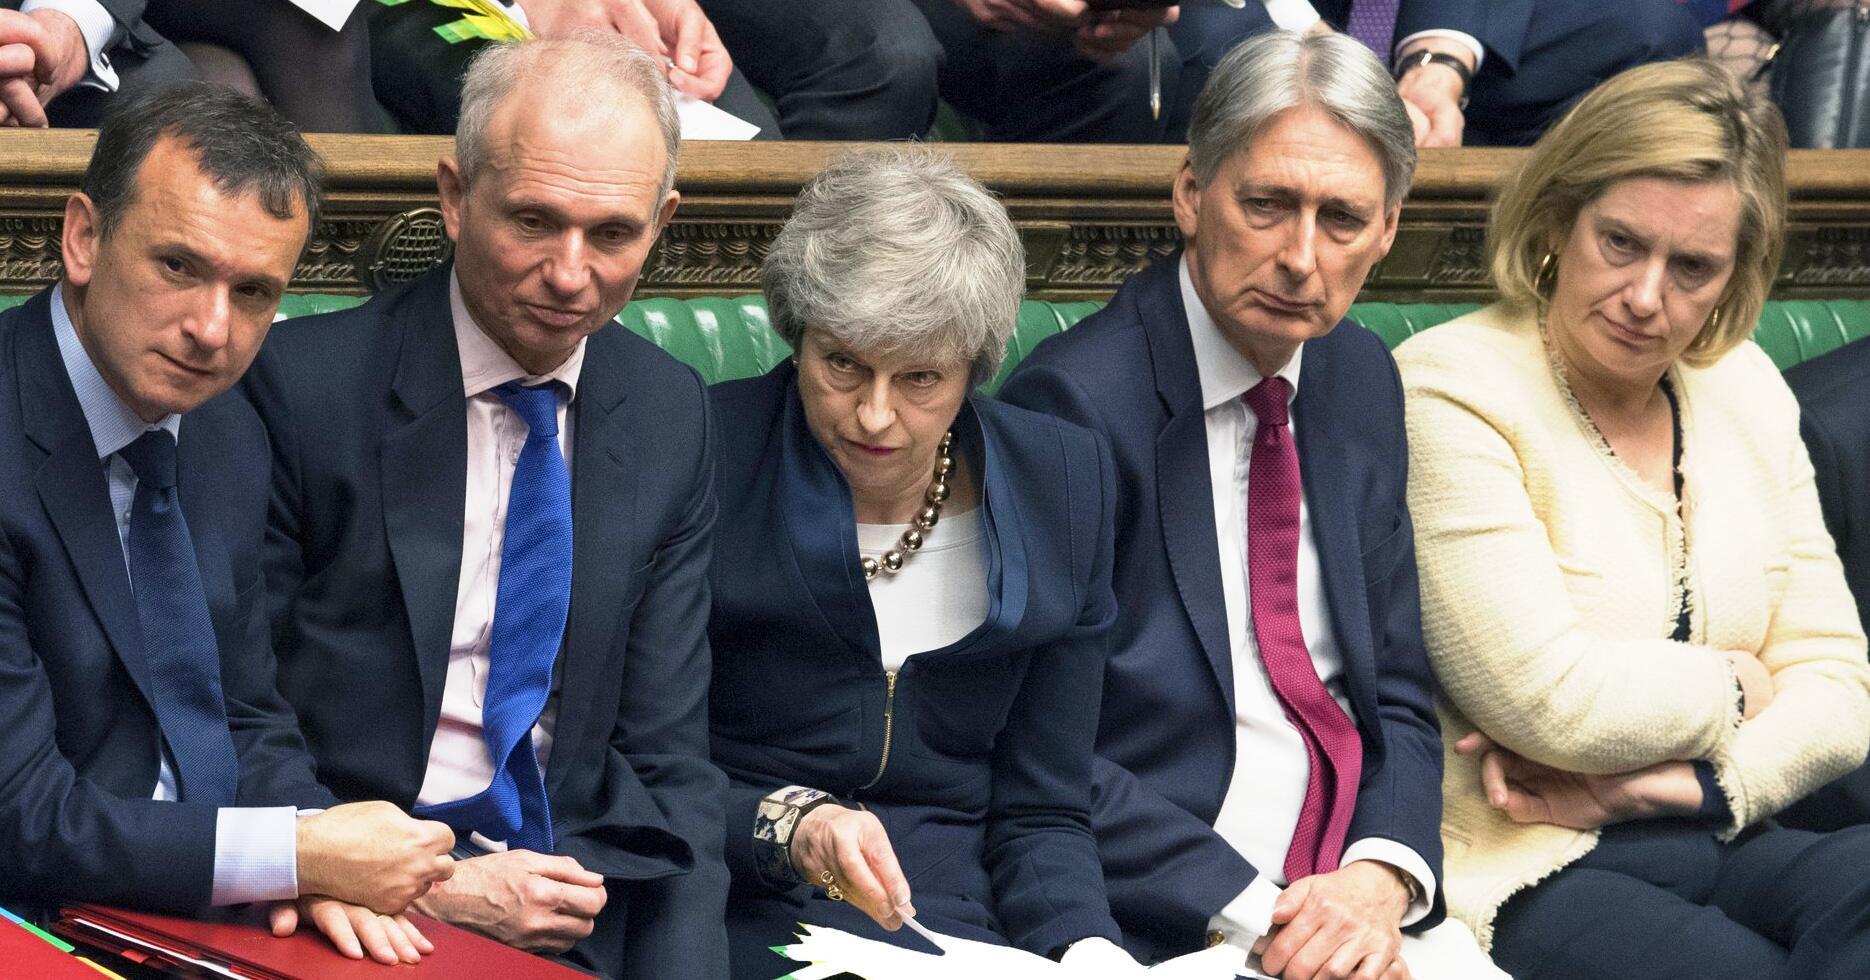 Bild zu Großbritannien Brexit Theresa May